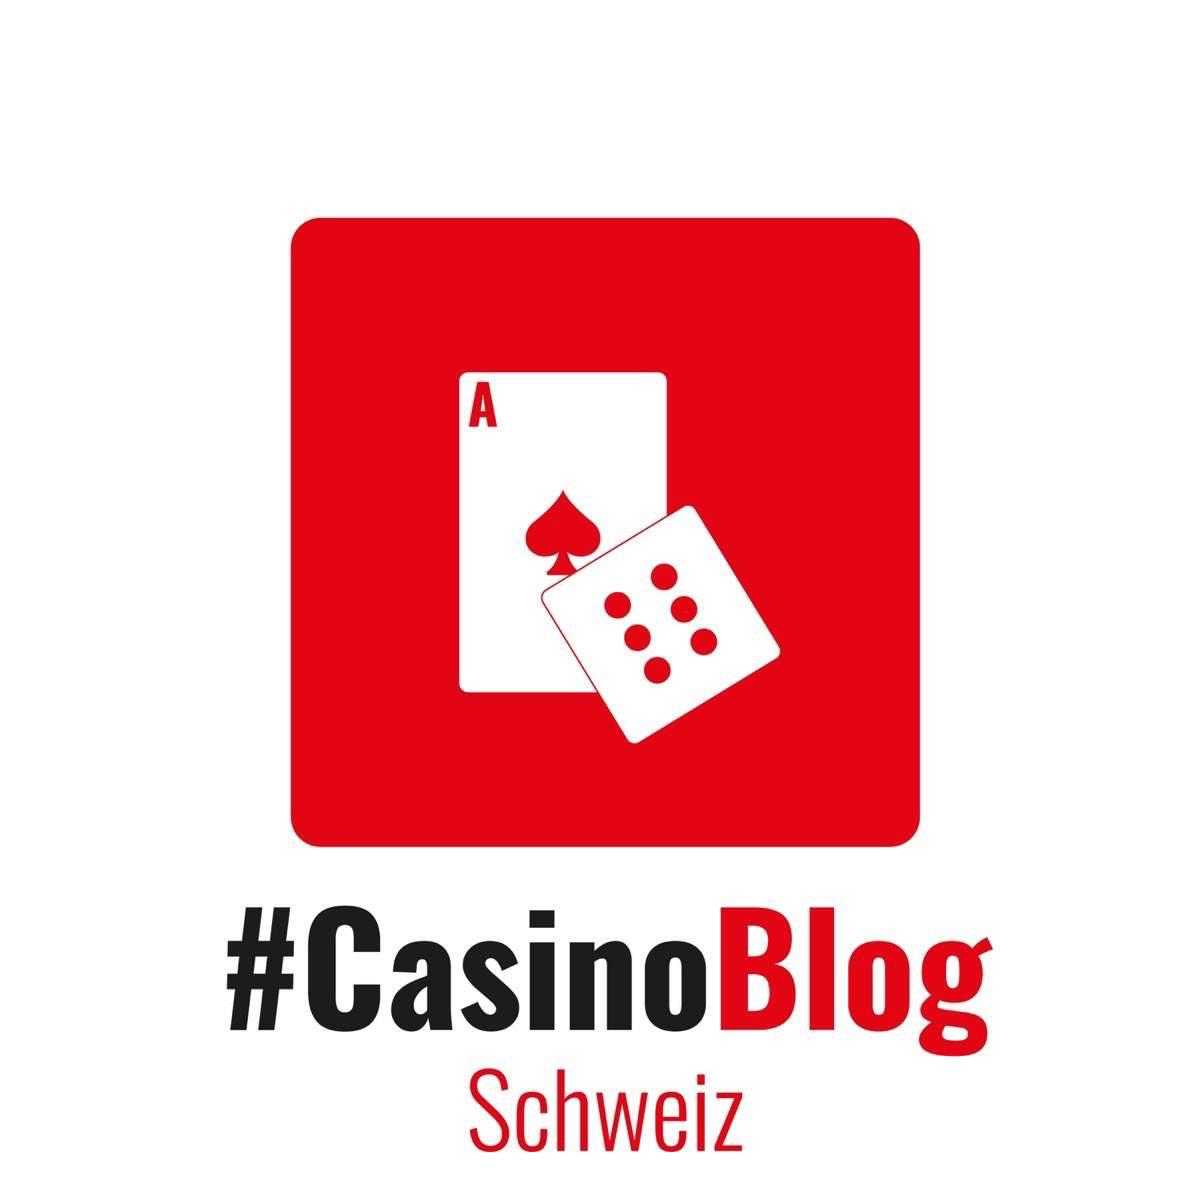 Schweizer Casino Blog